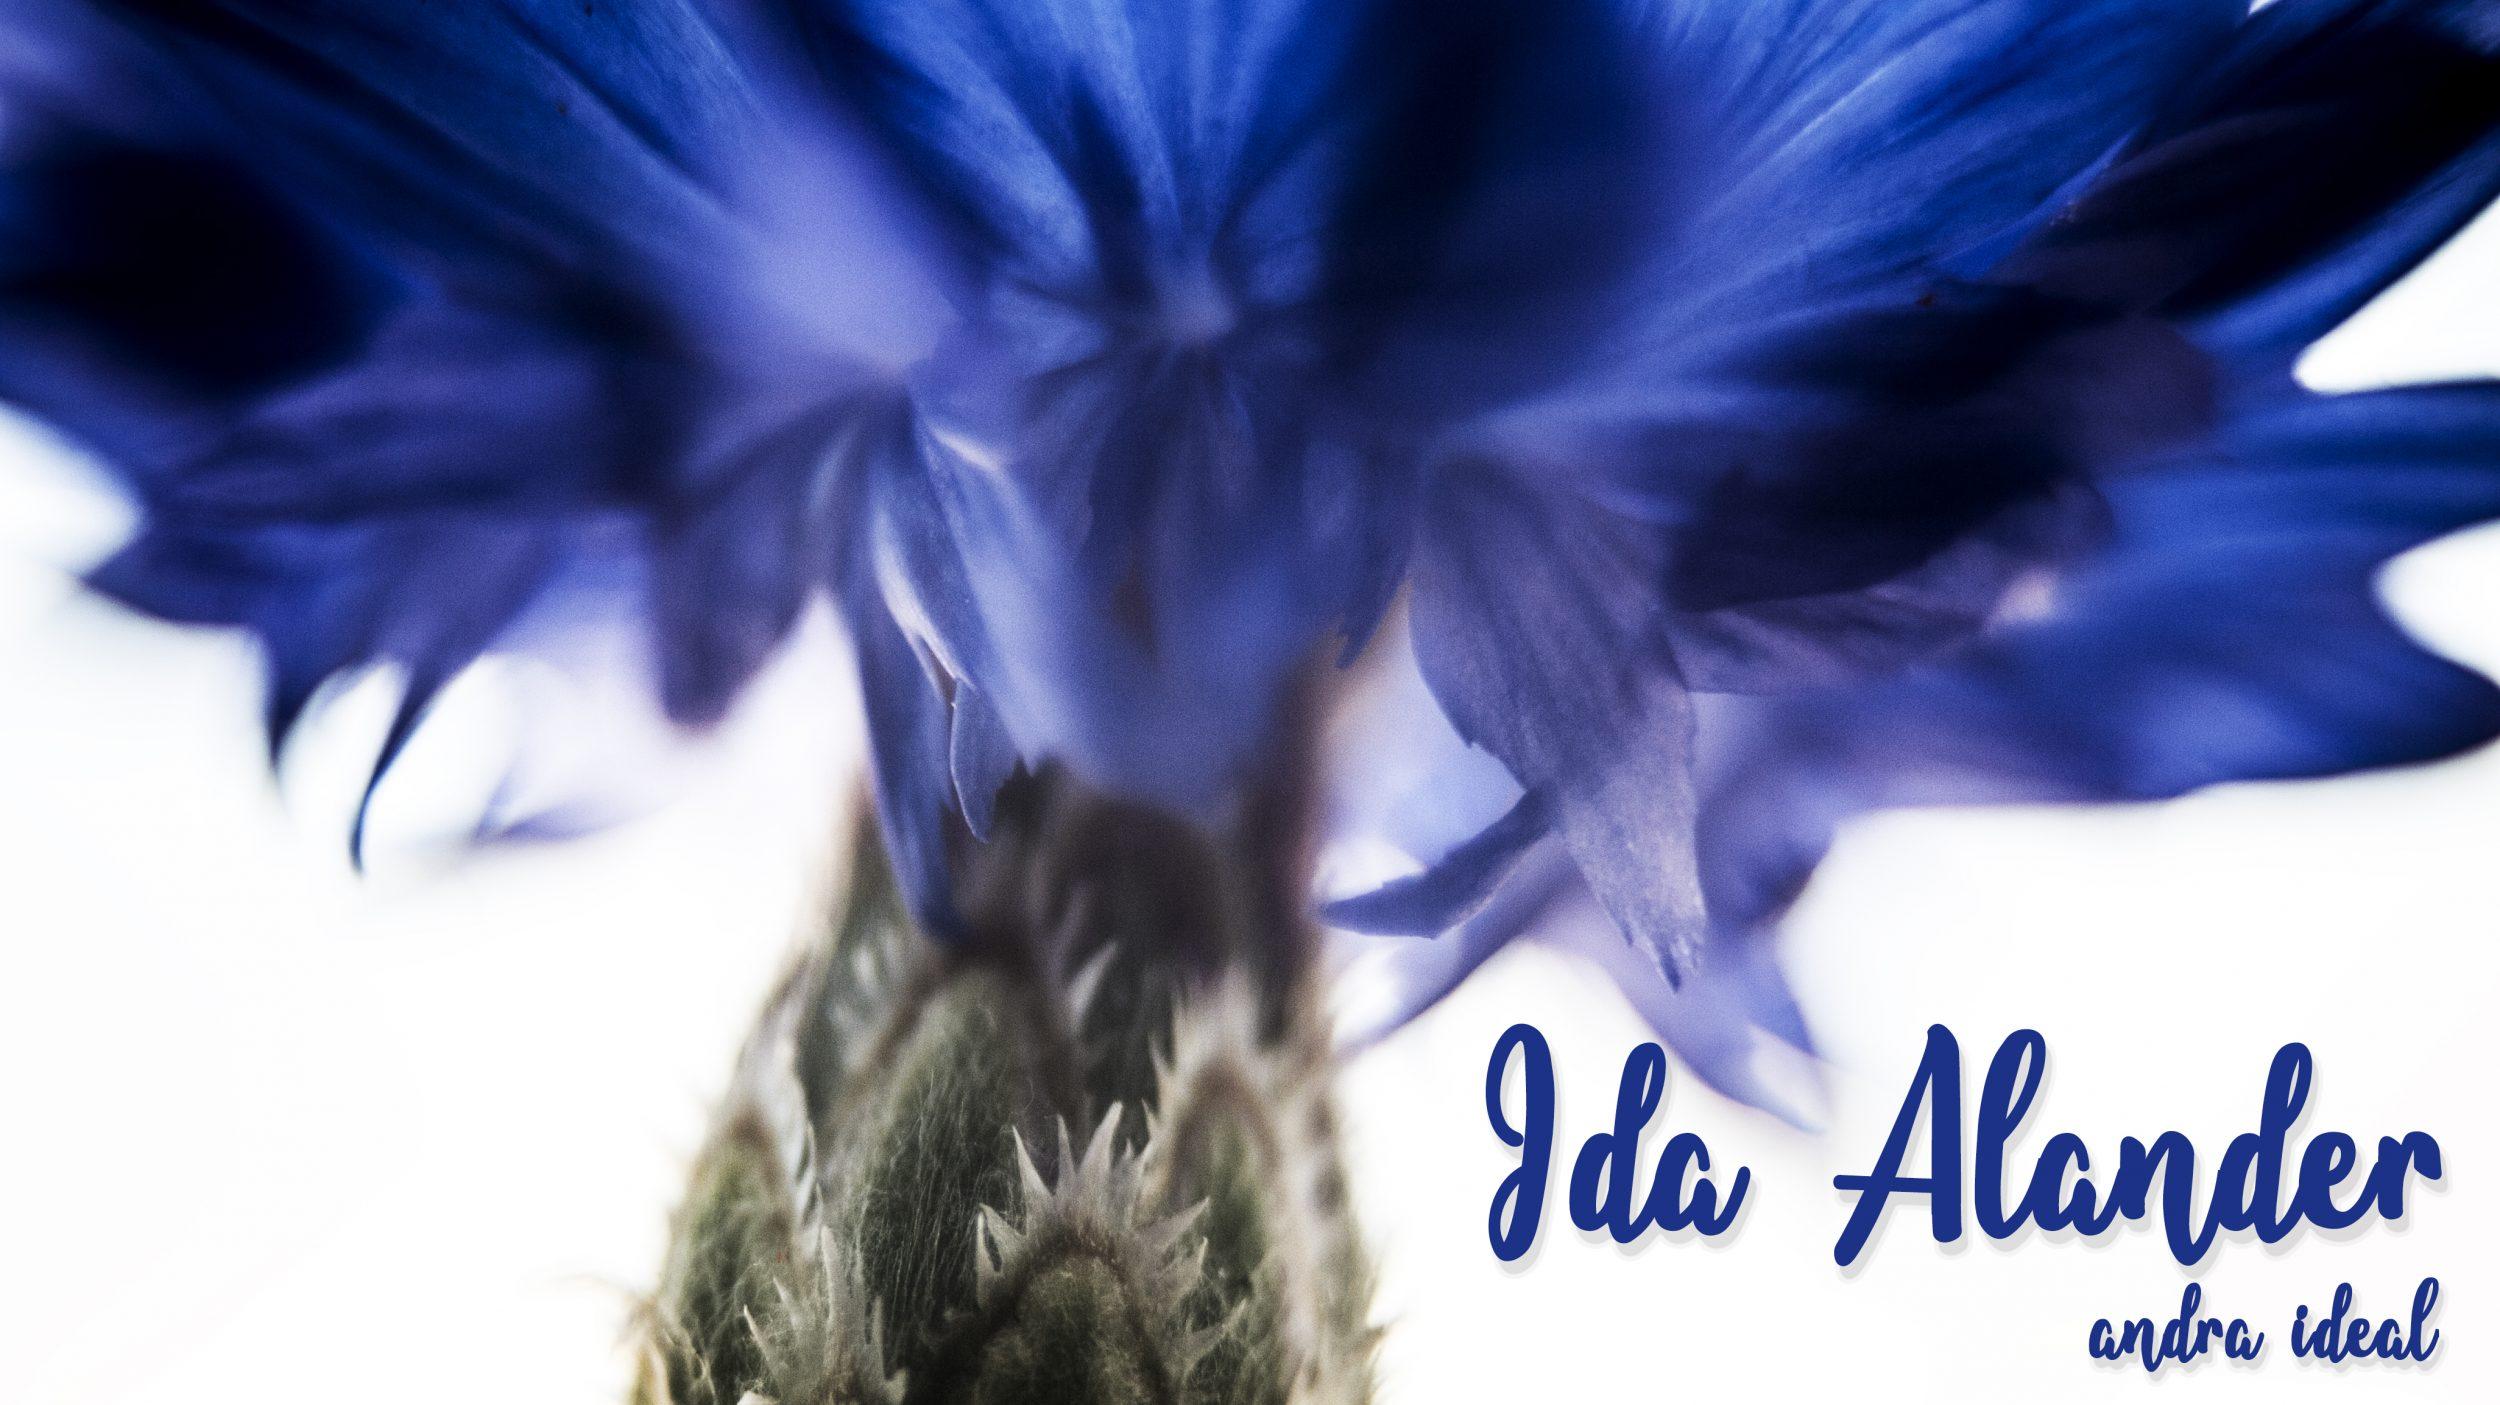 Ida Alander